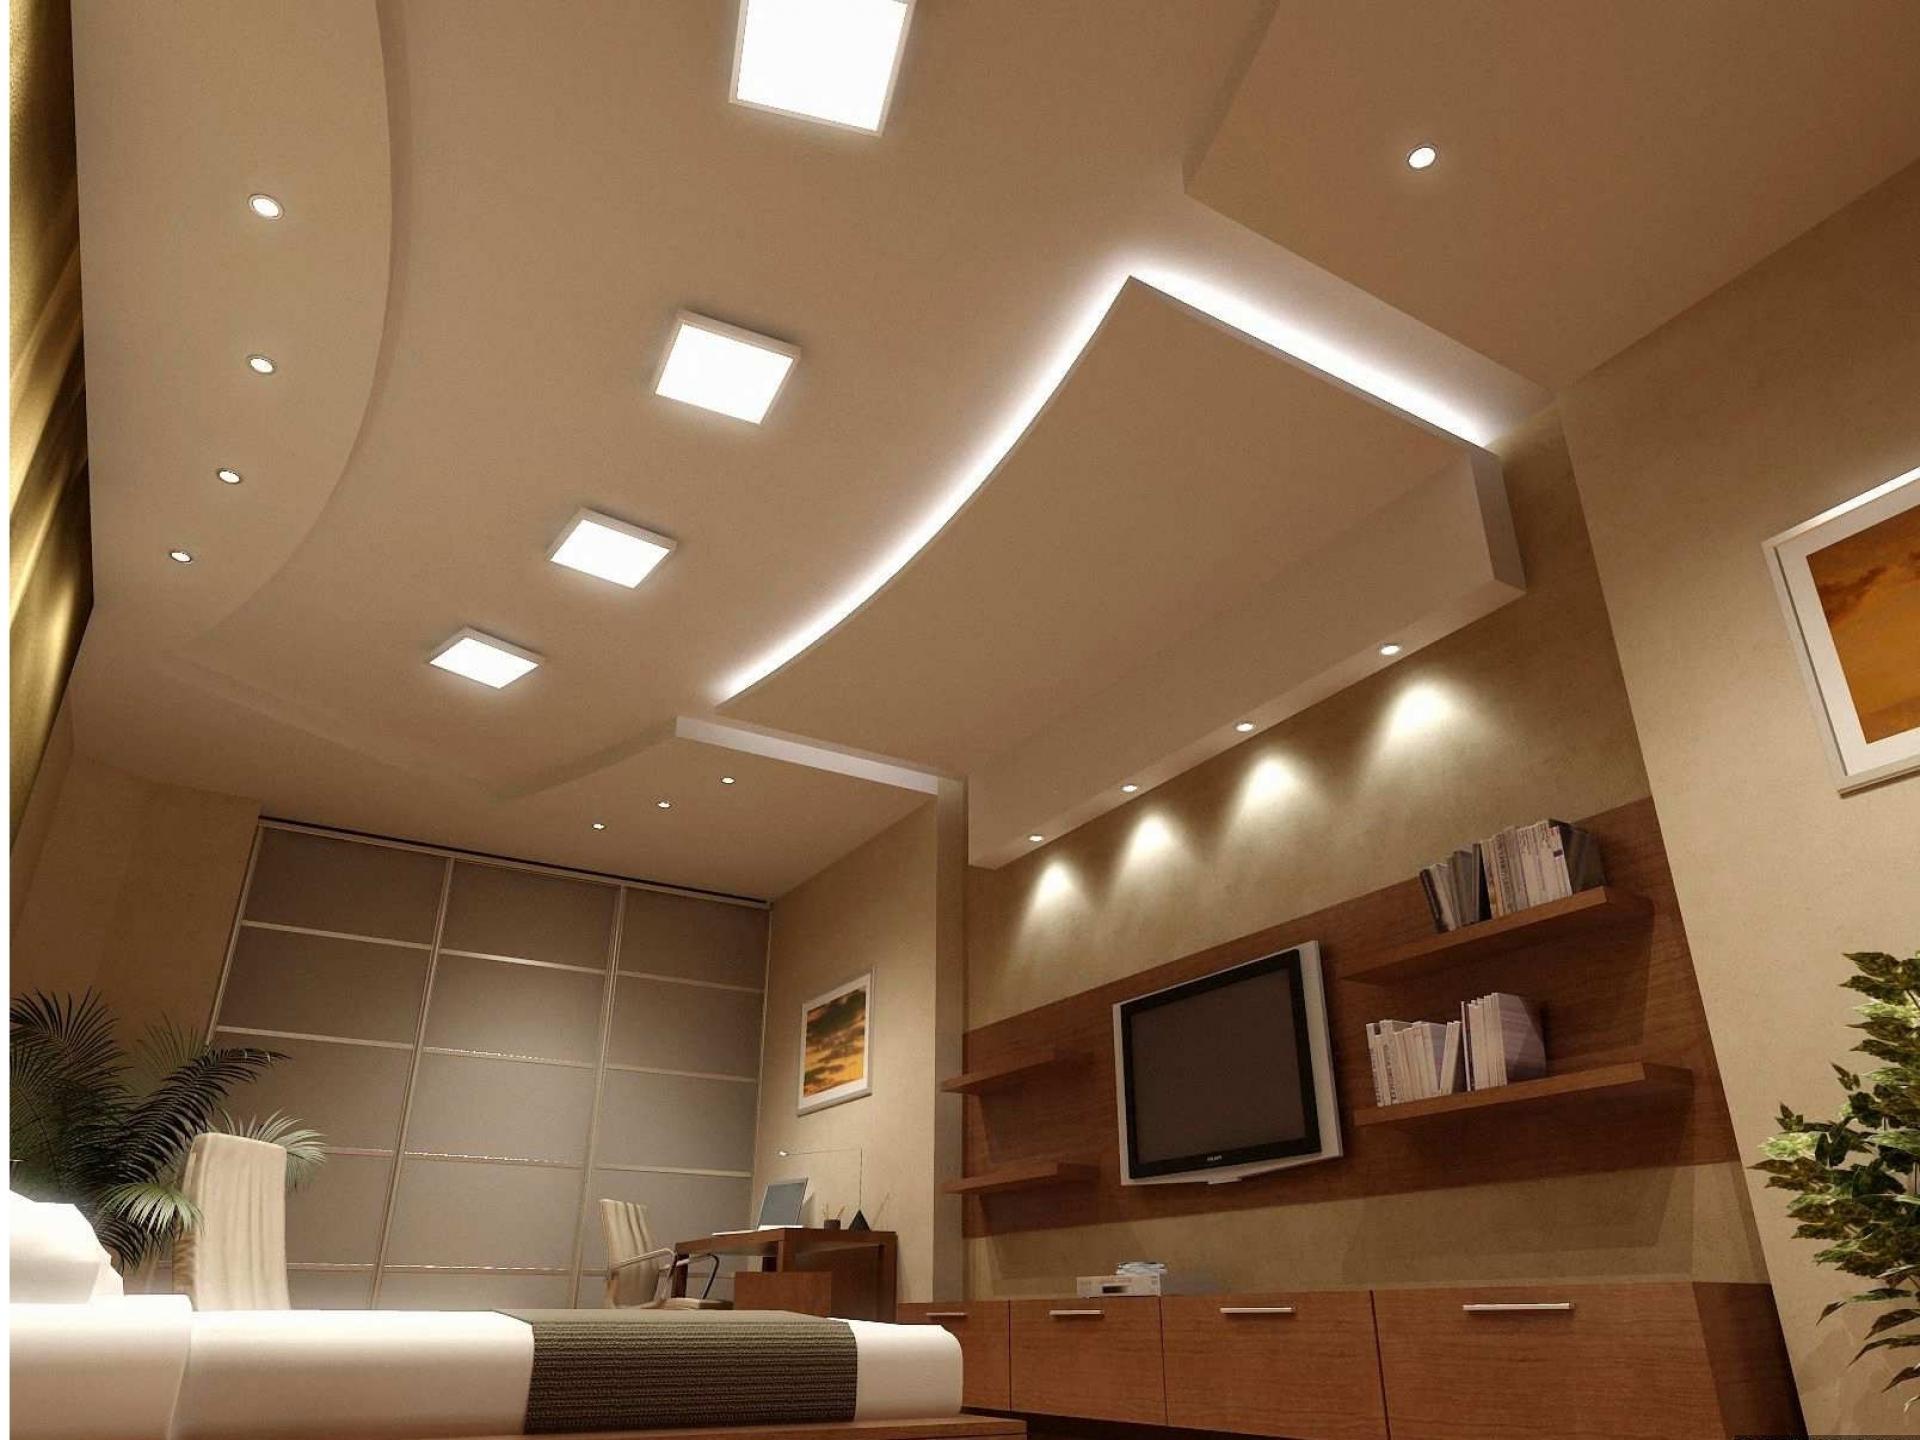 как расположить свет на потолке